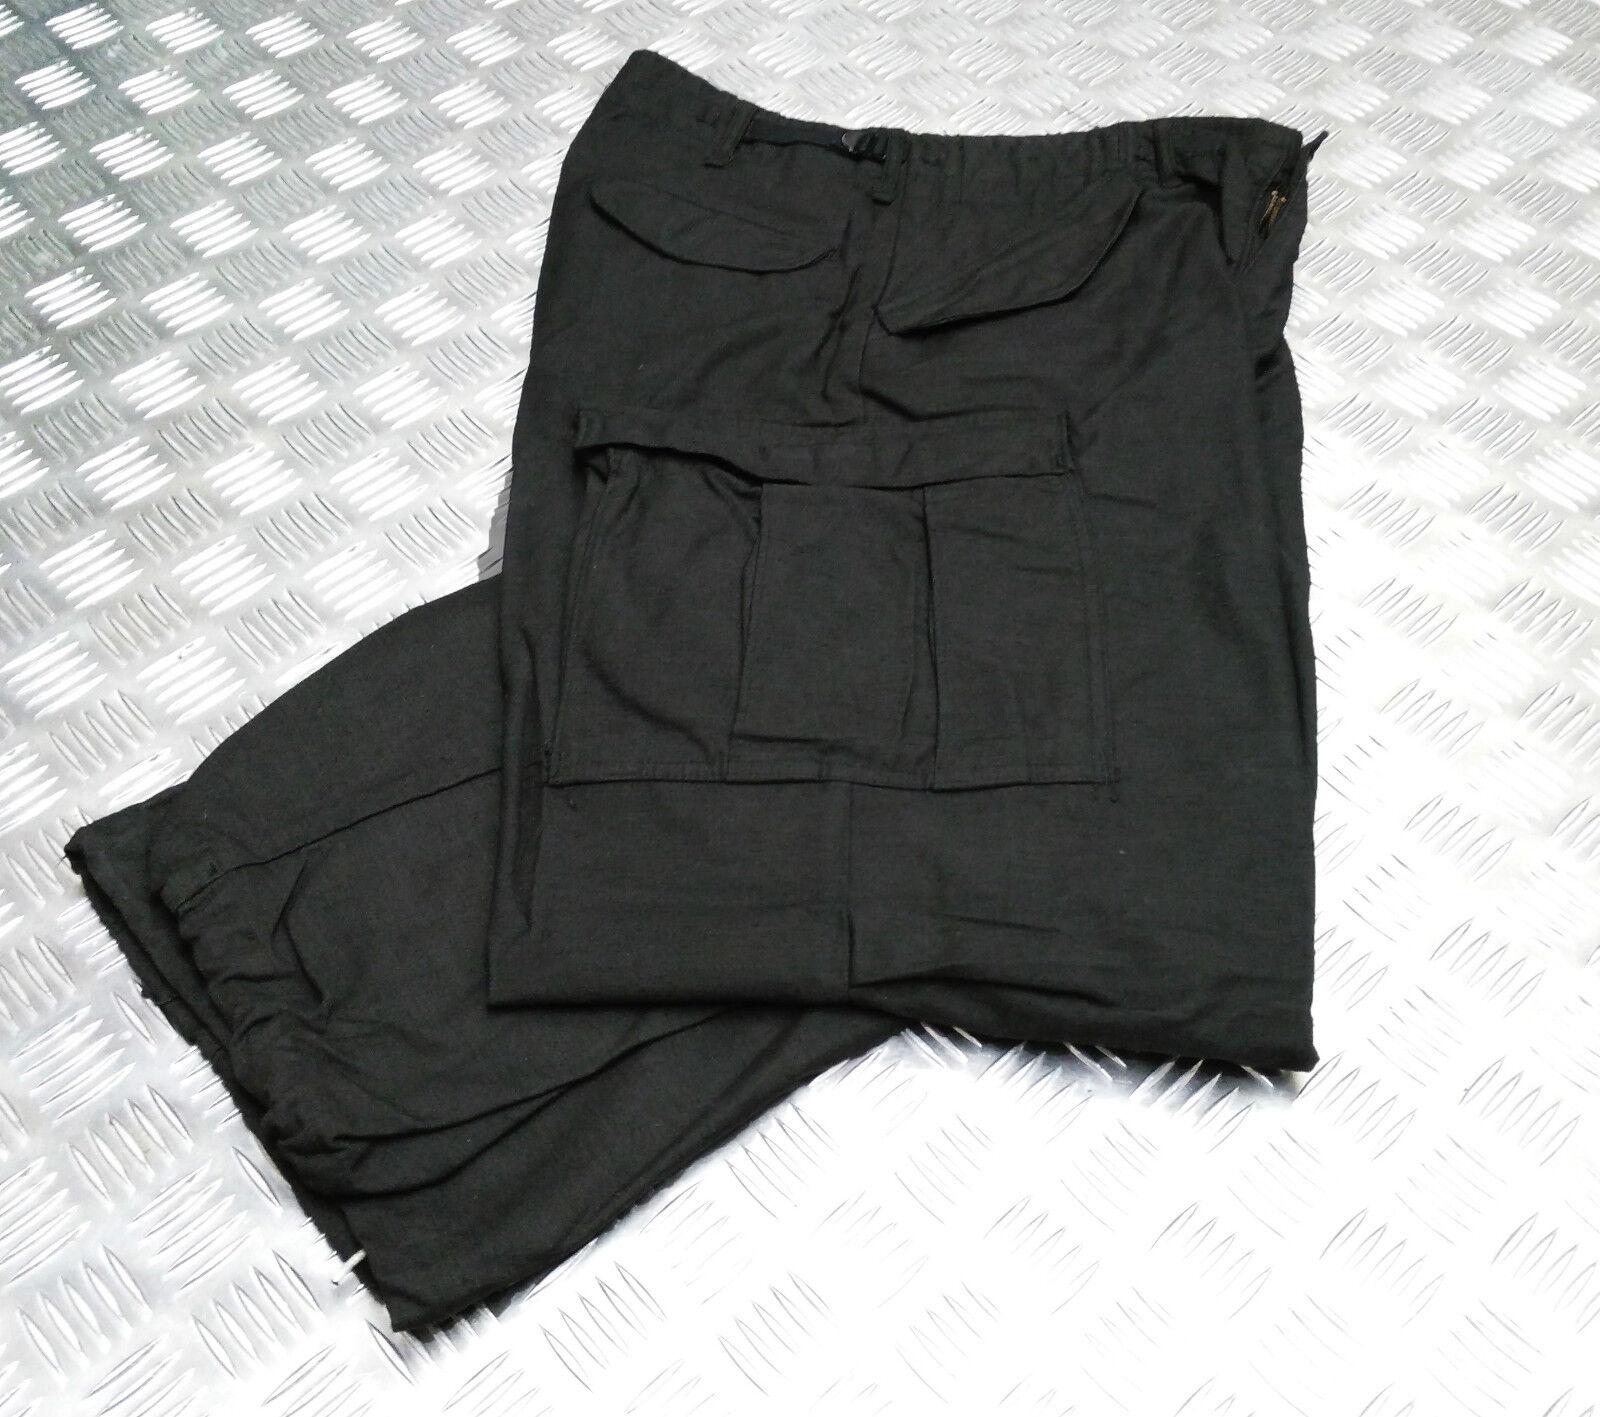 Echt Vintage Us Army M65 Hosen über Gefärbt Schwarz - Größe  M - Shorts